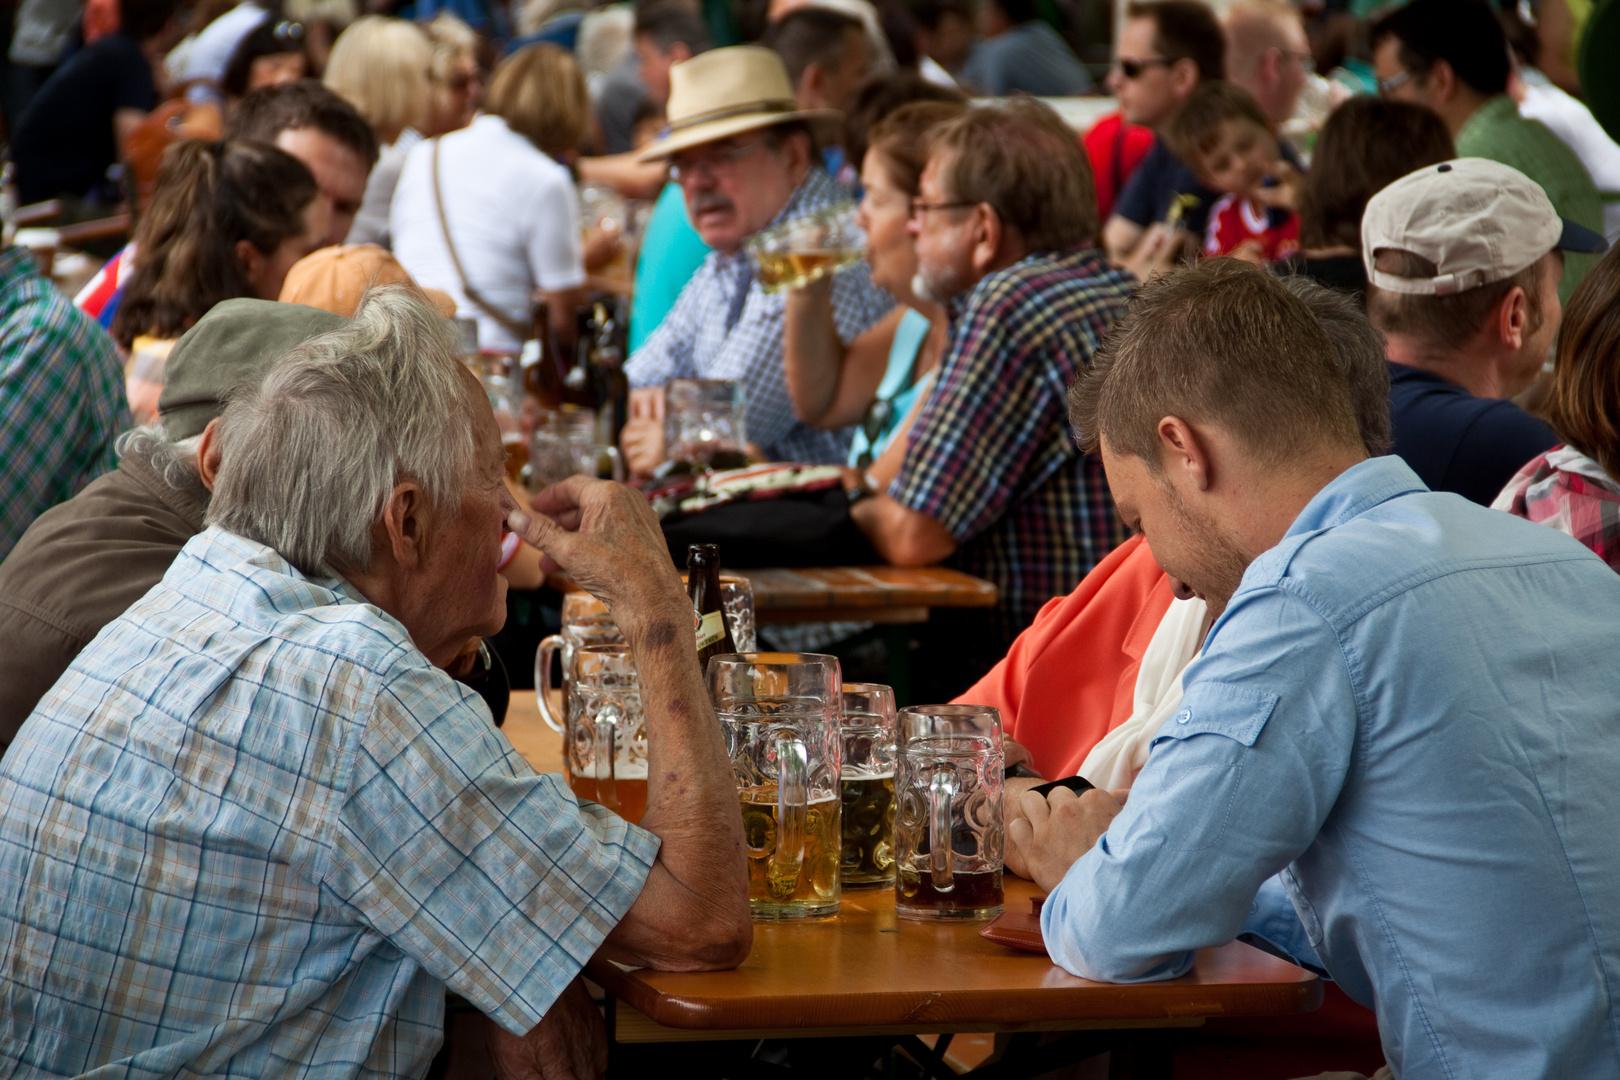 Bayerische Lebensfreude in einem Biergarten in München - Deutschland, Bayern